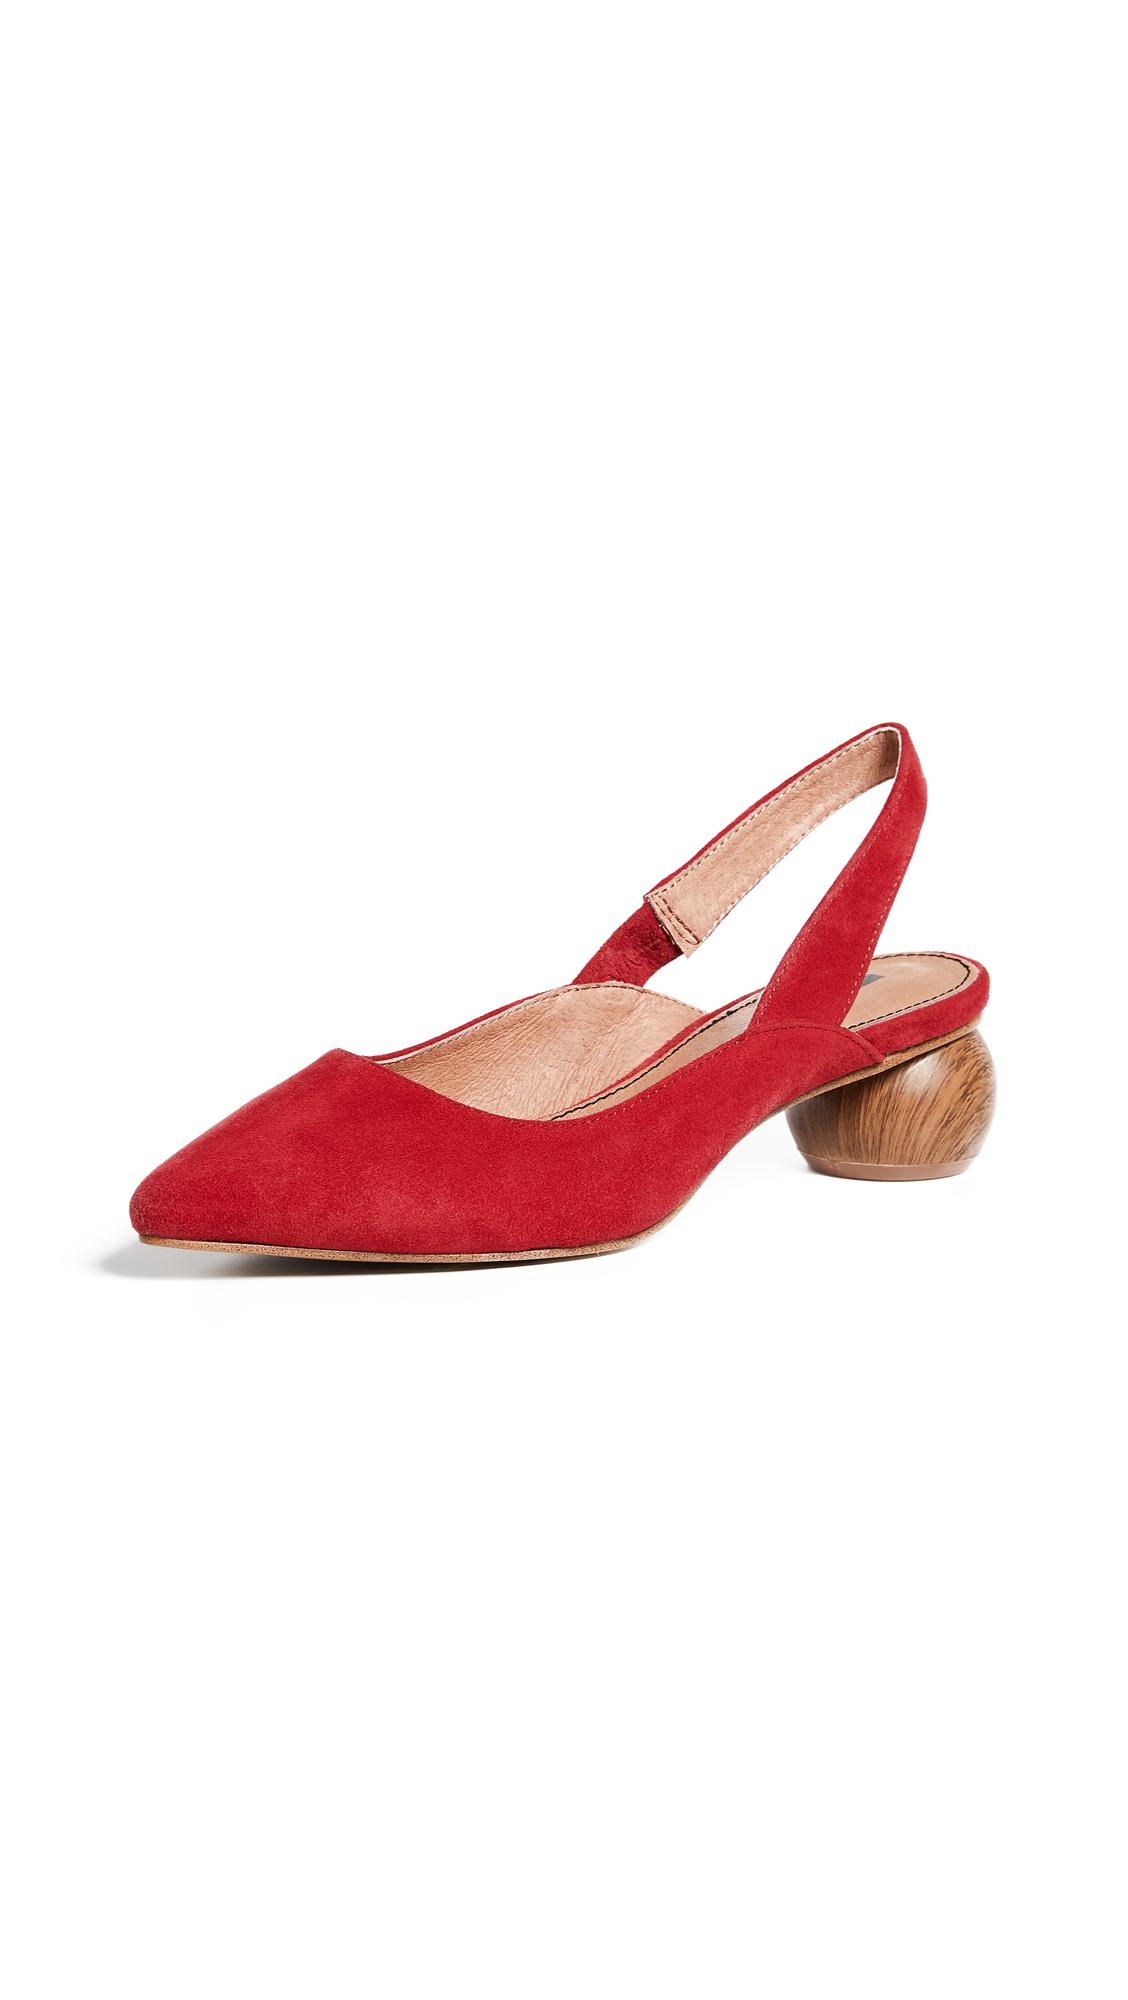 Matiko Circa Slingback Pumps - Red